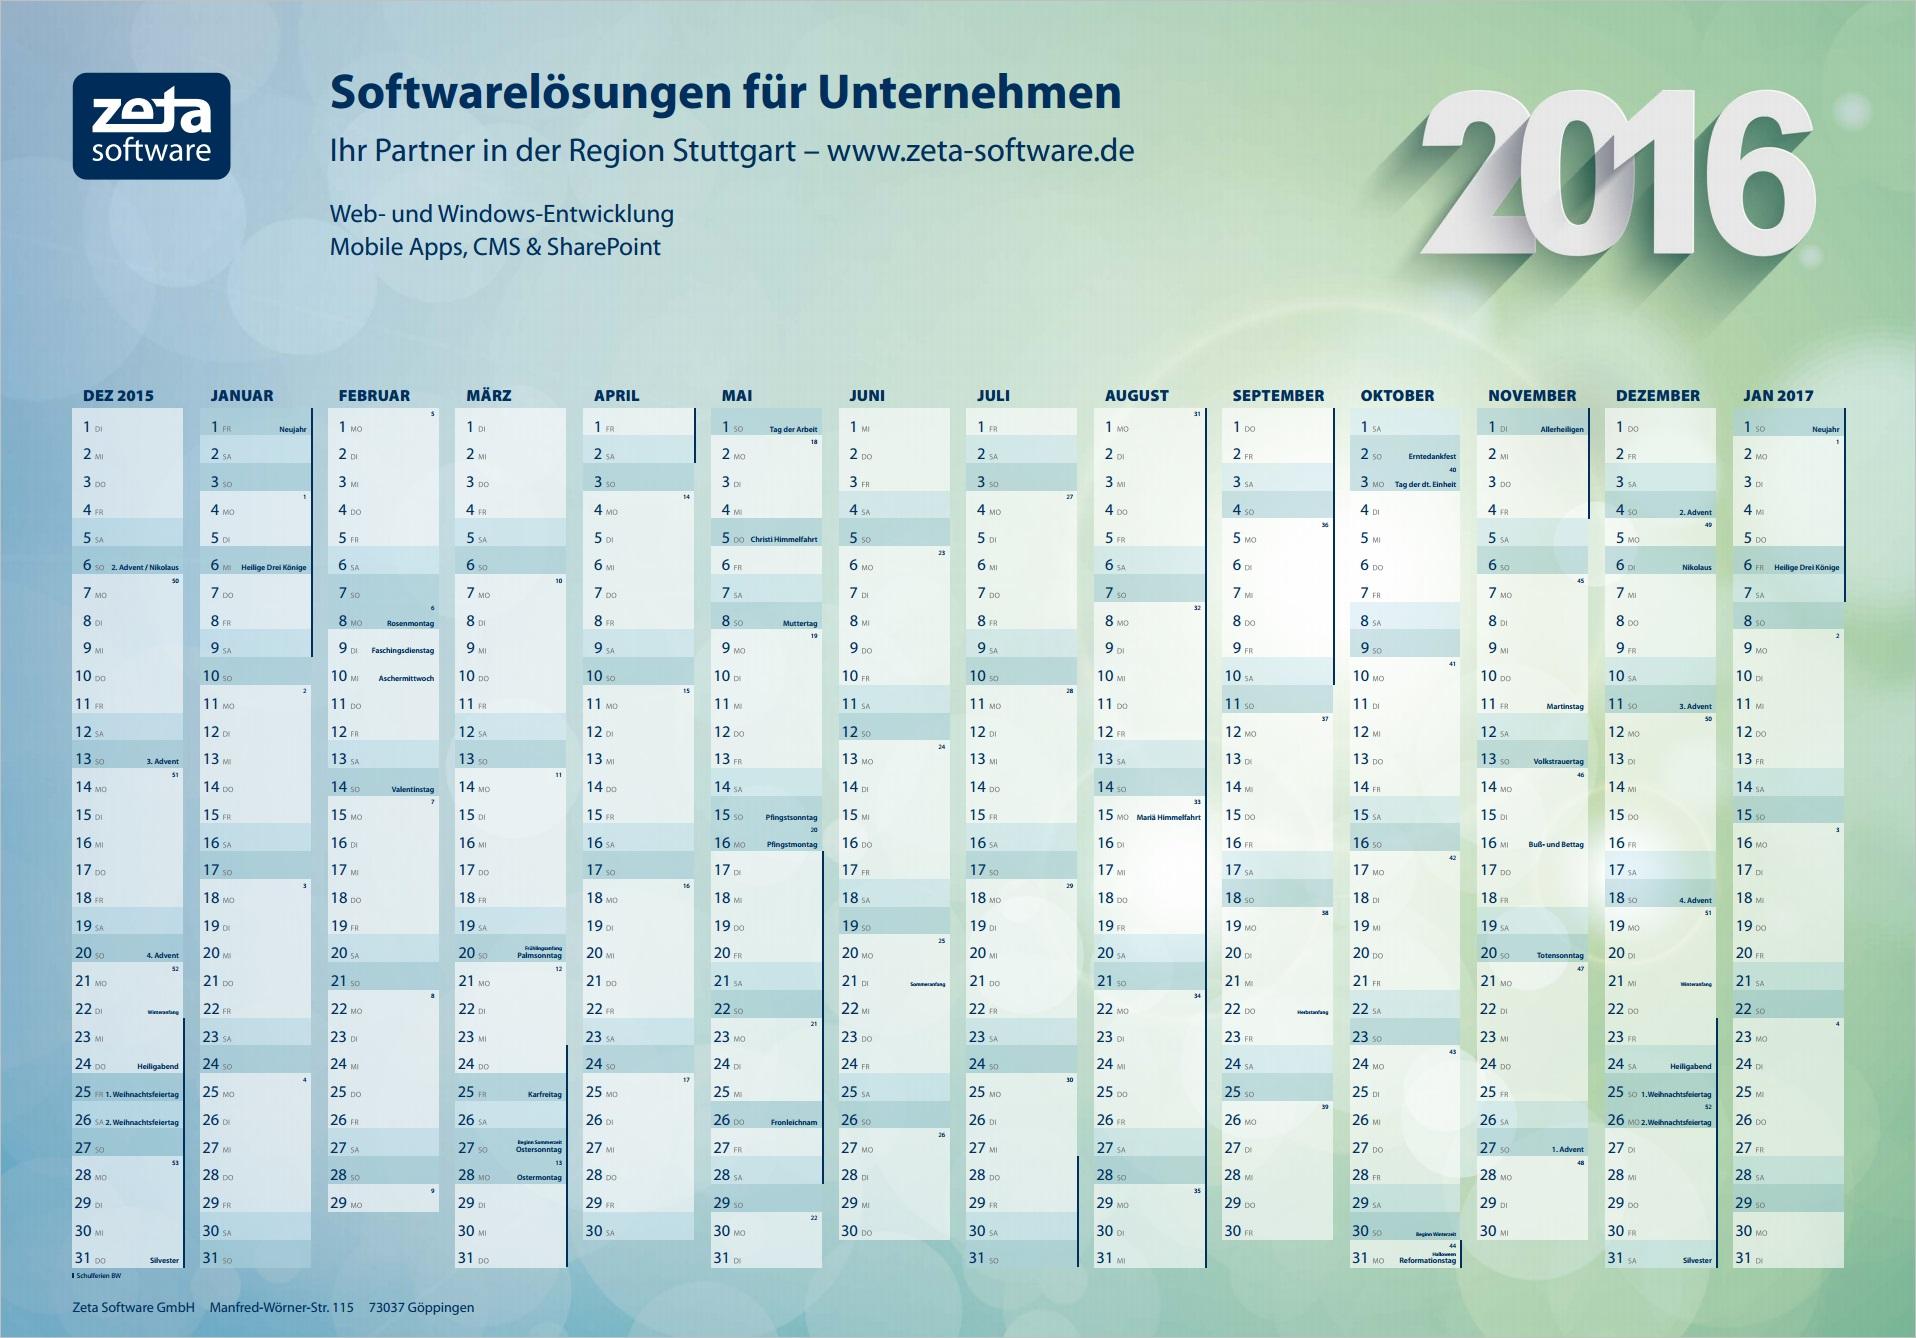 Kostenloser Wandkalender 2016 zum selber Ausdrucken als PDF